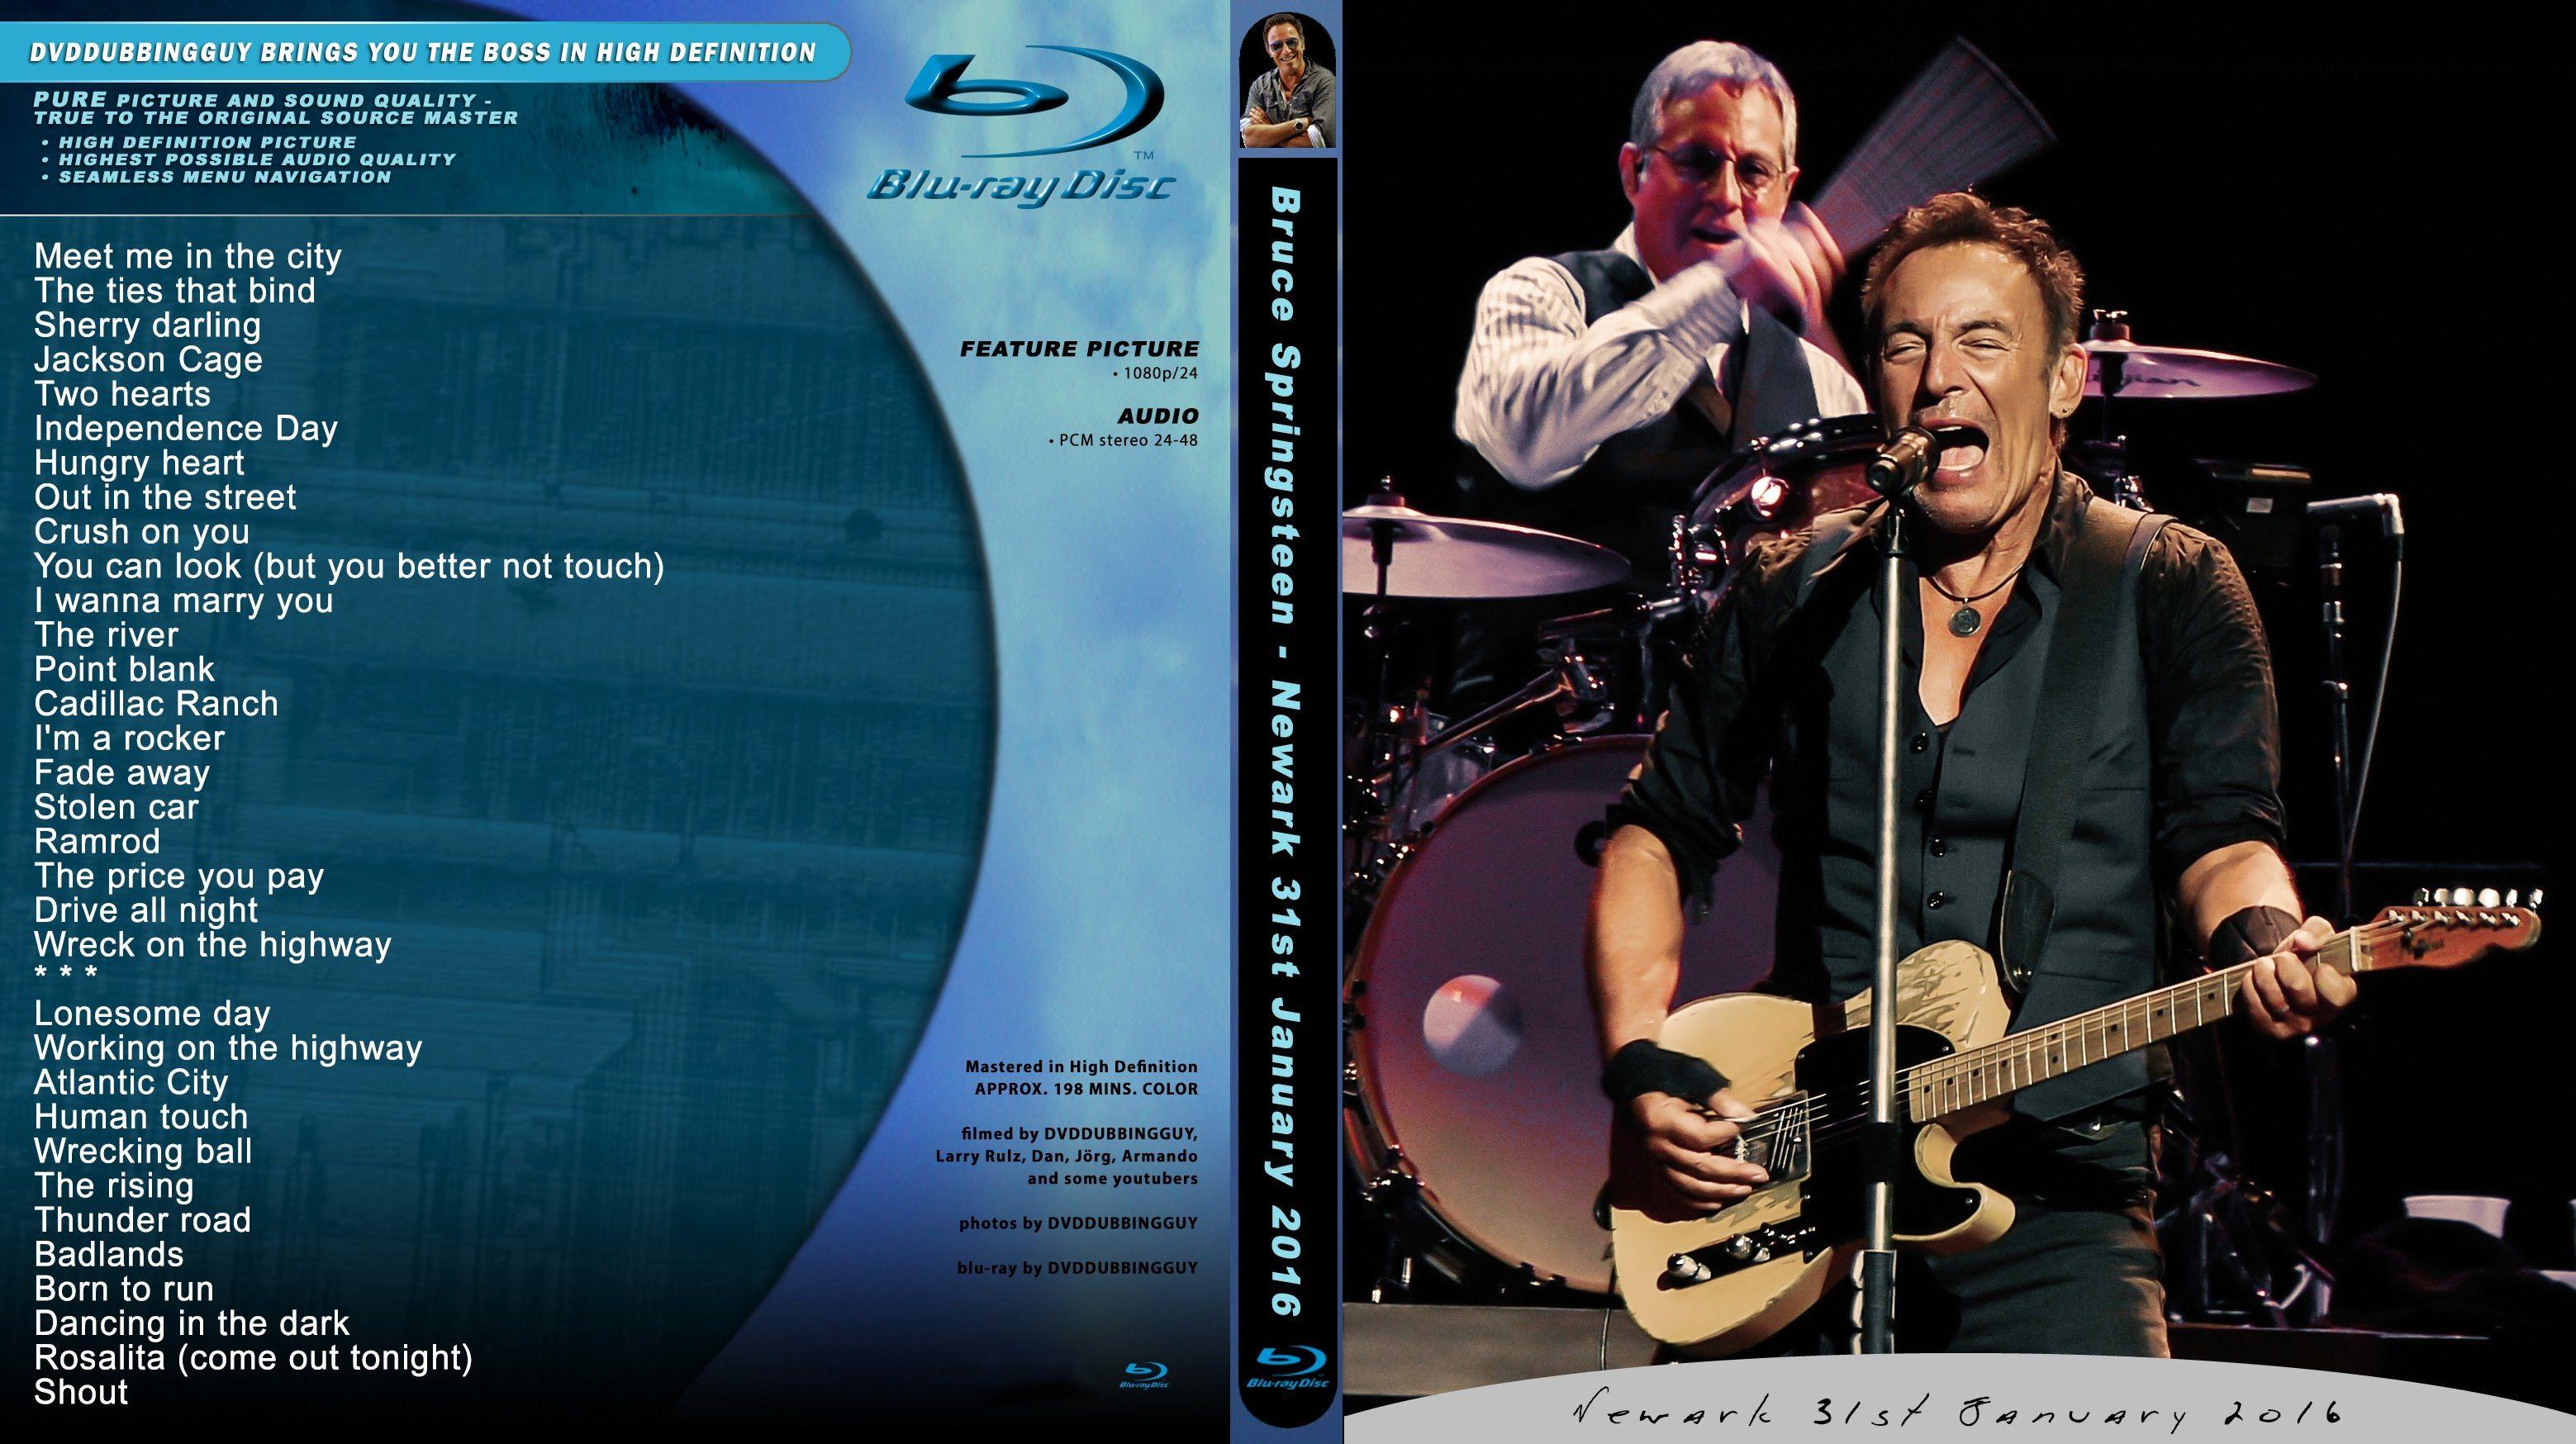 Bruce Springsteen NEW JERSEY Newark 31.1.2016 FULL SHOW